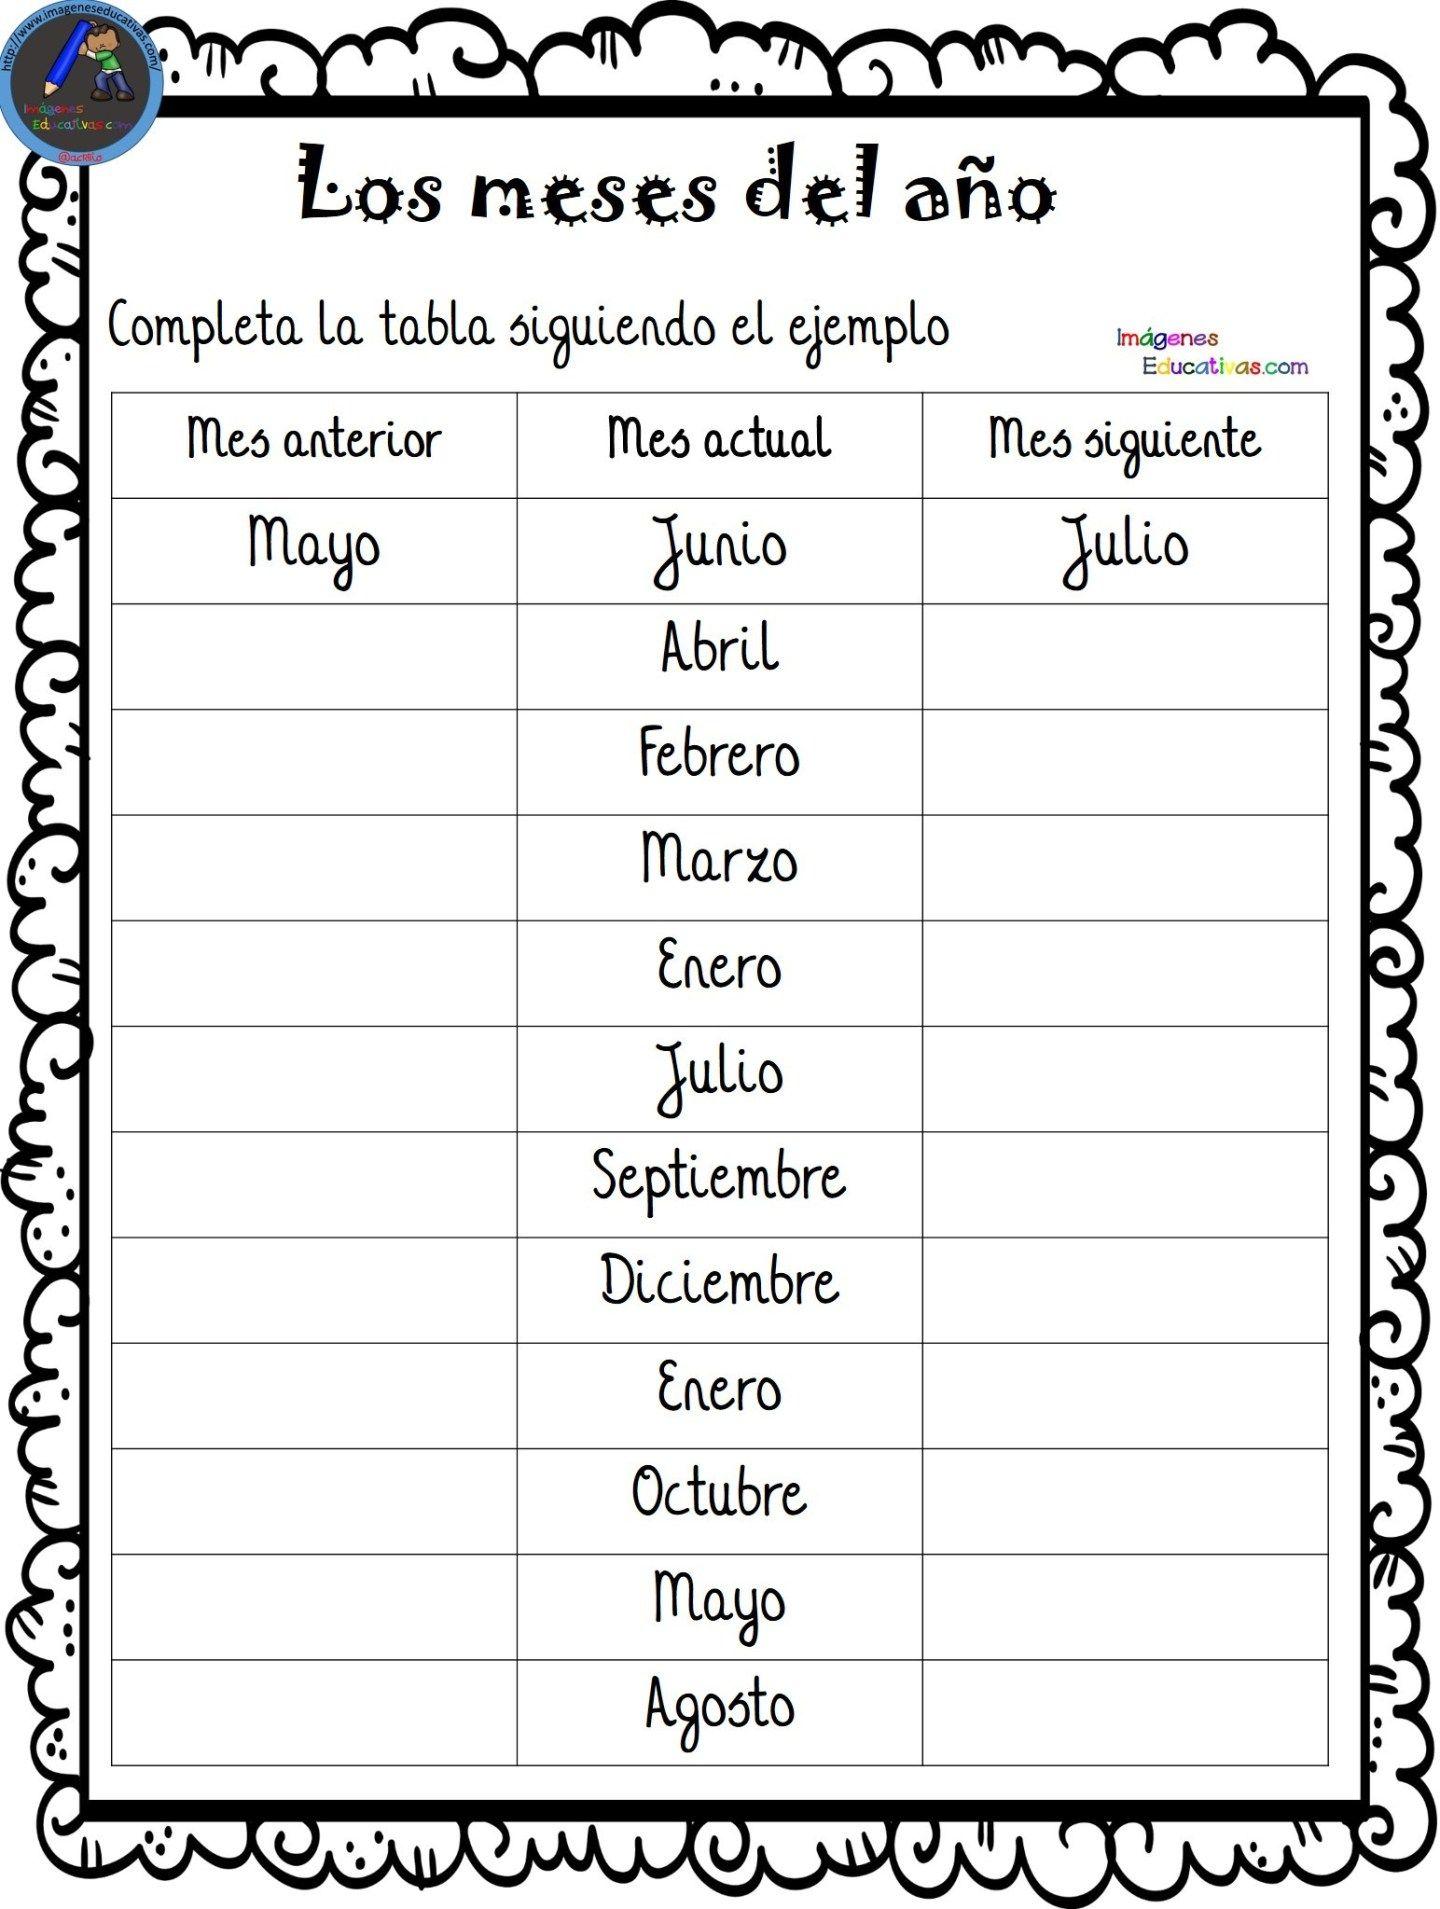 Fichas Para Aprender Los Meses Y Los Dias De La Semana 4